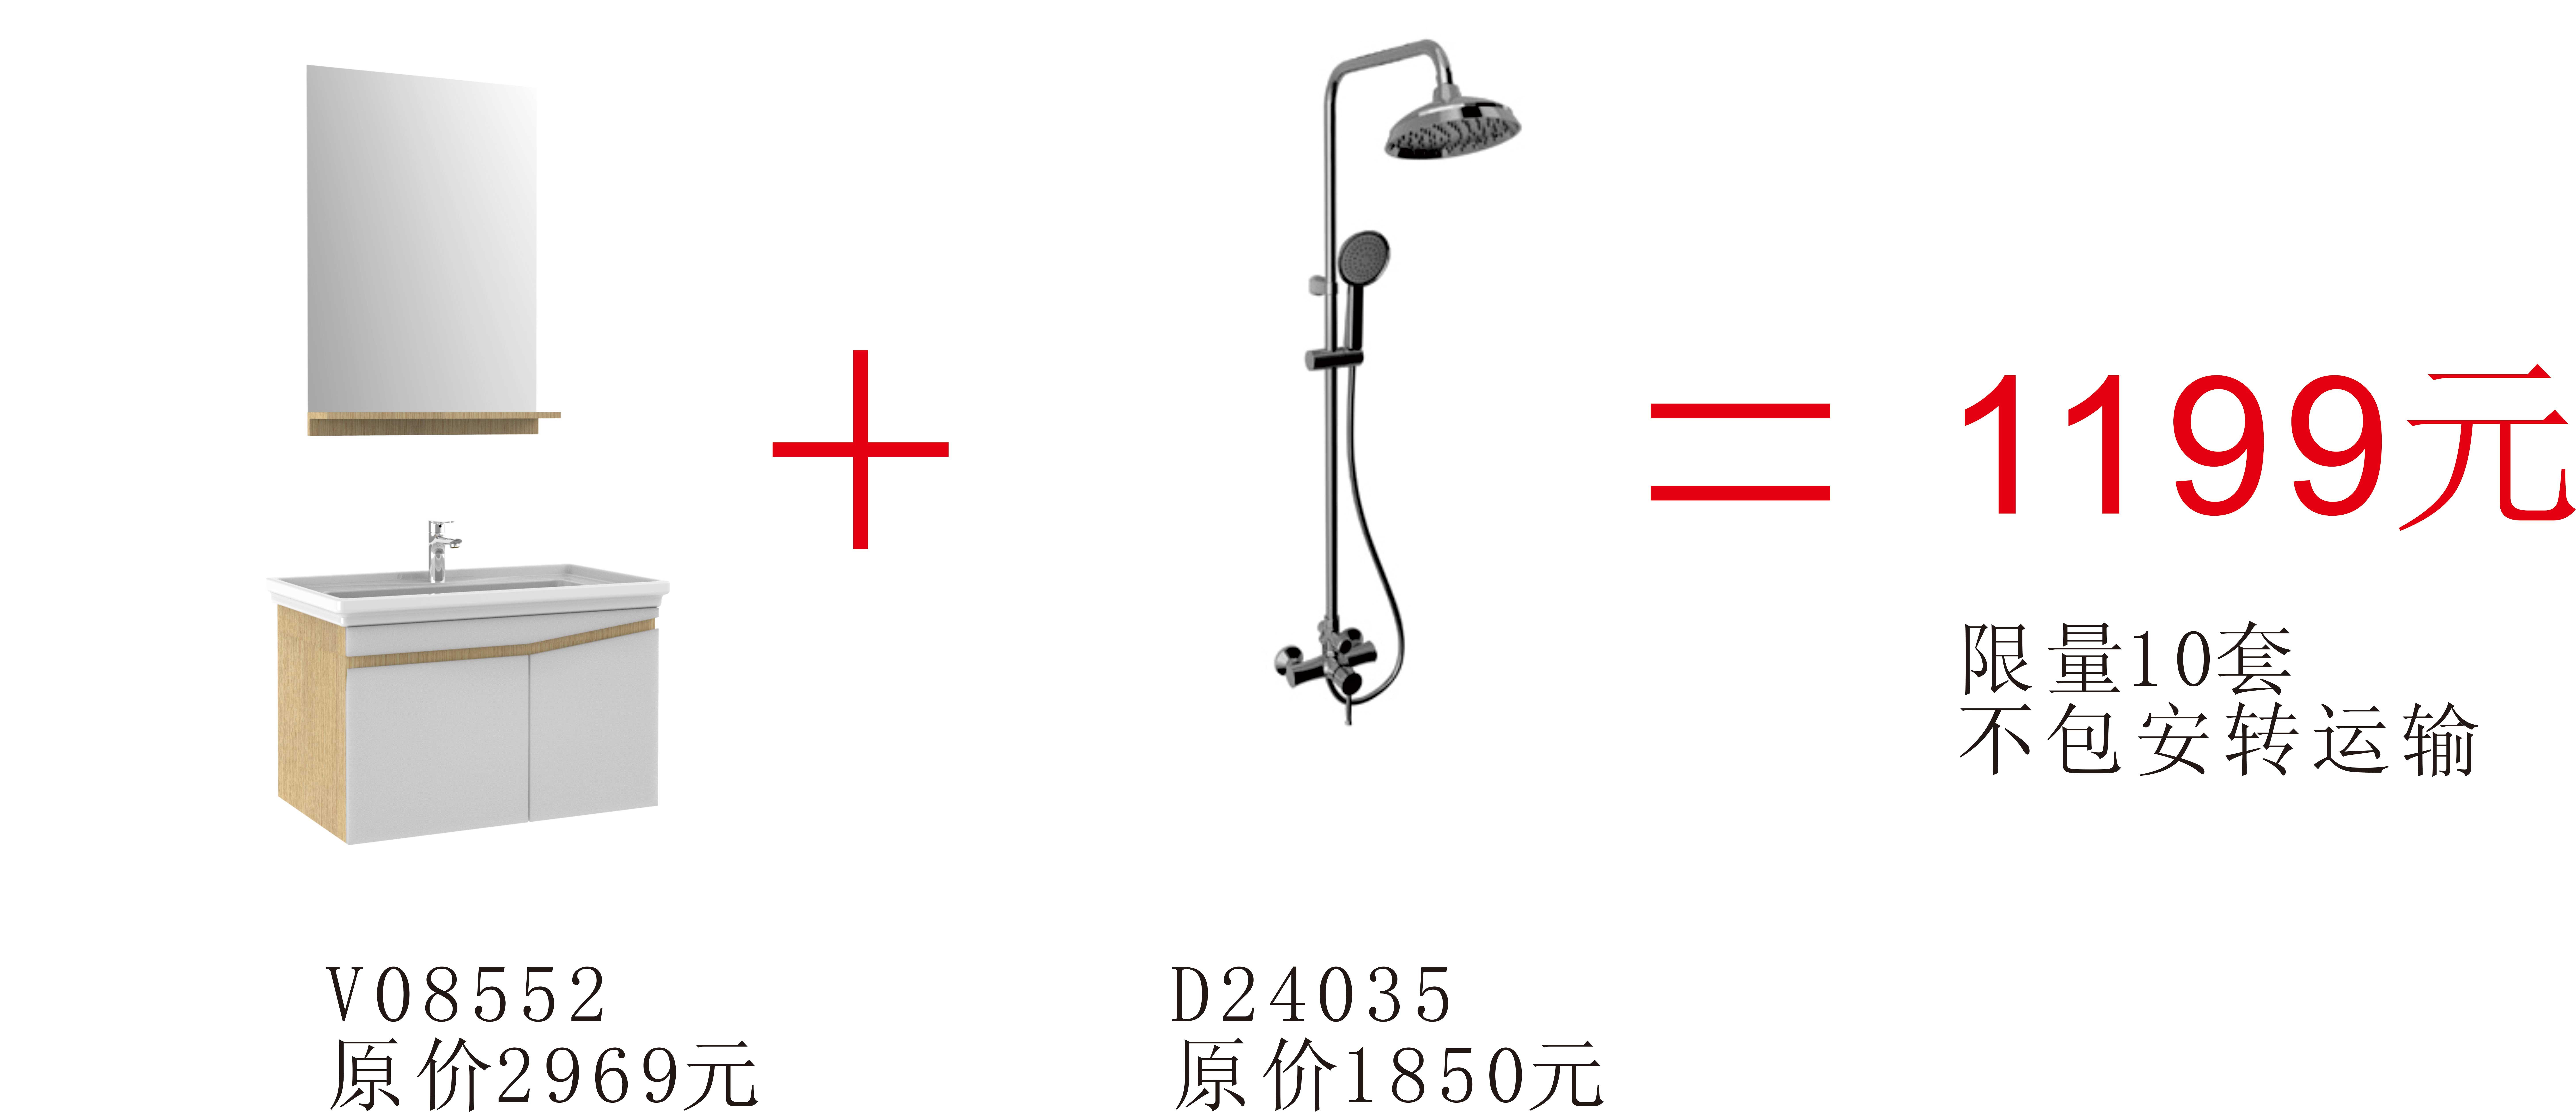 欧联卫浴 V08552浴室柜+D24035花洒